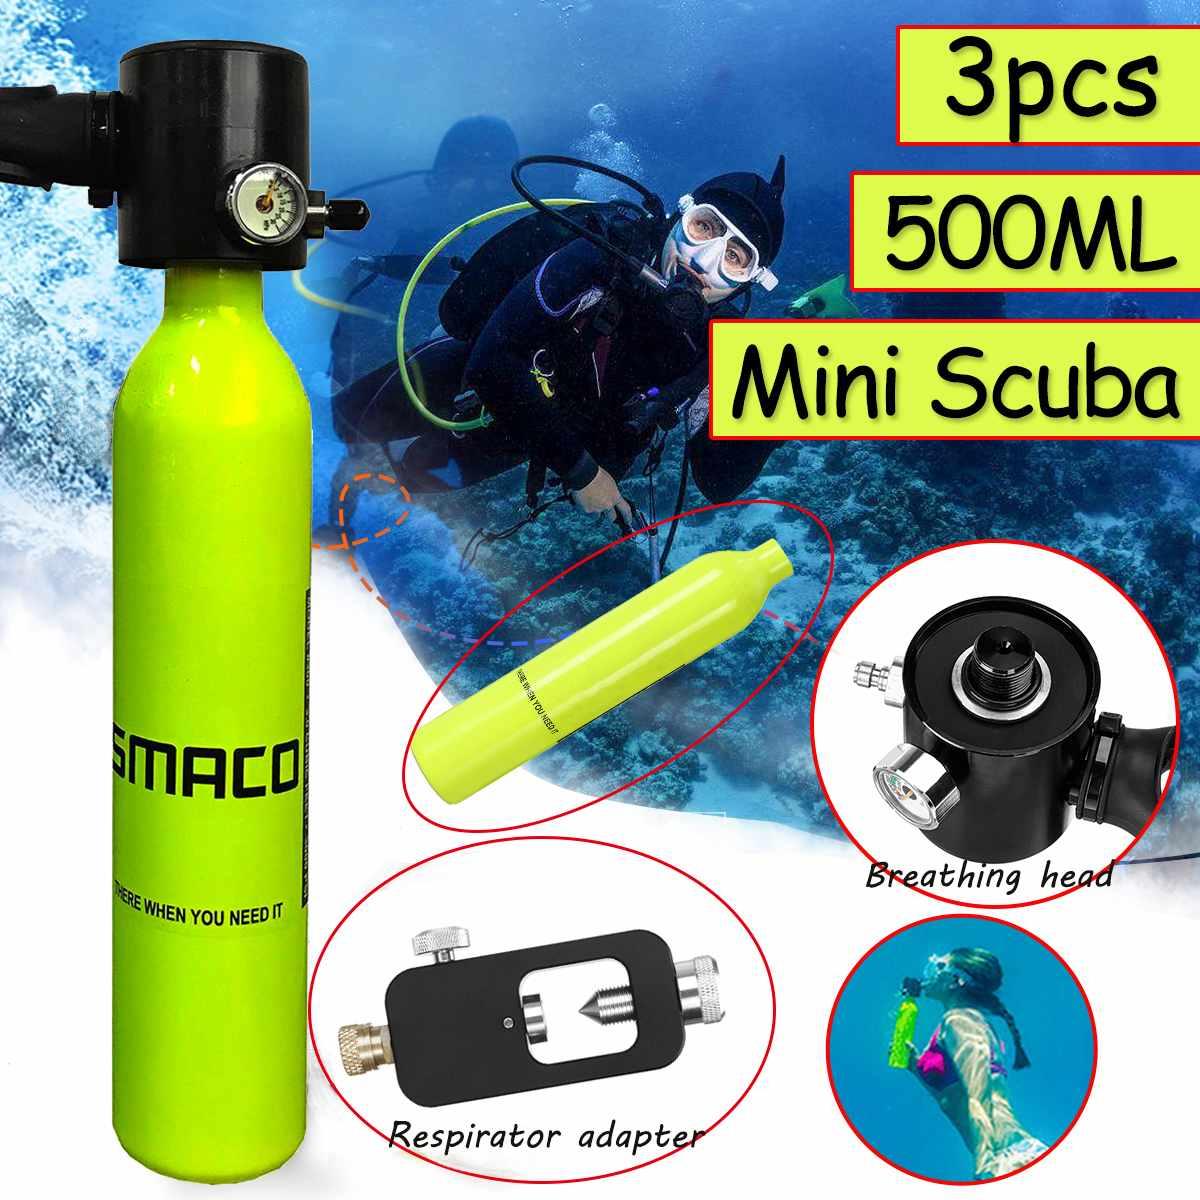 Pour 7-10 min Mini équipement de plongée sous-marine 0.5L Mini bouteille de plongée sous-marine réservoir d'oxygène de plongée